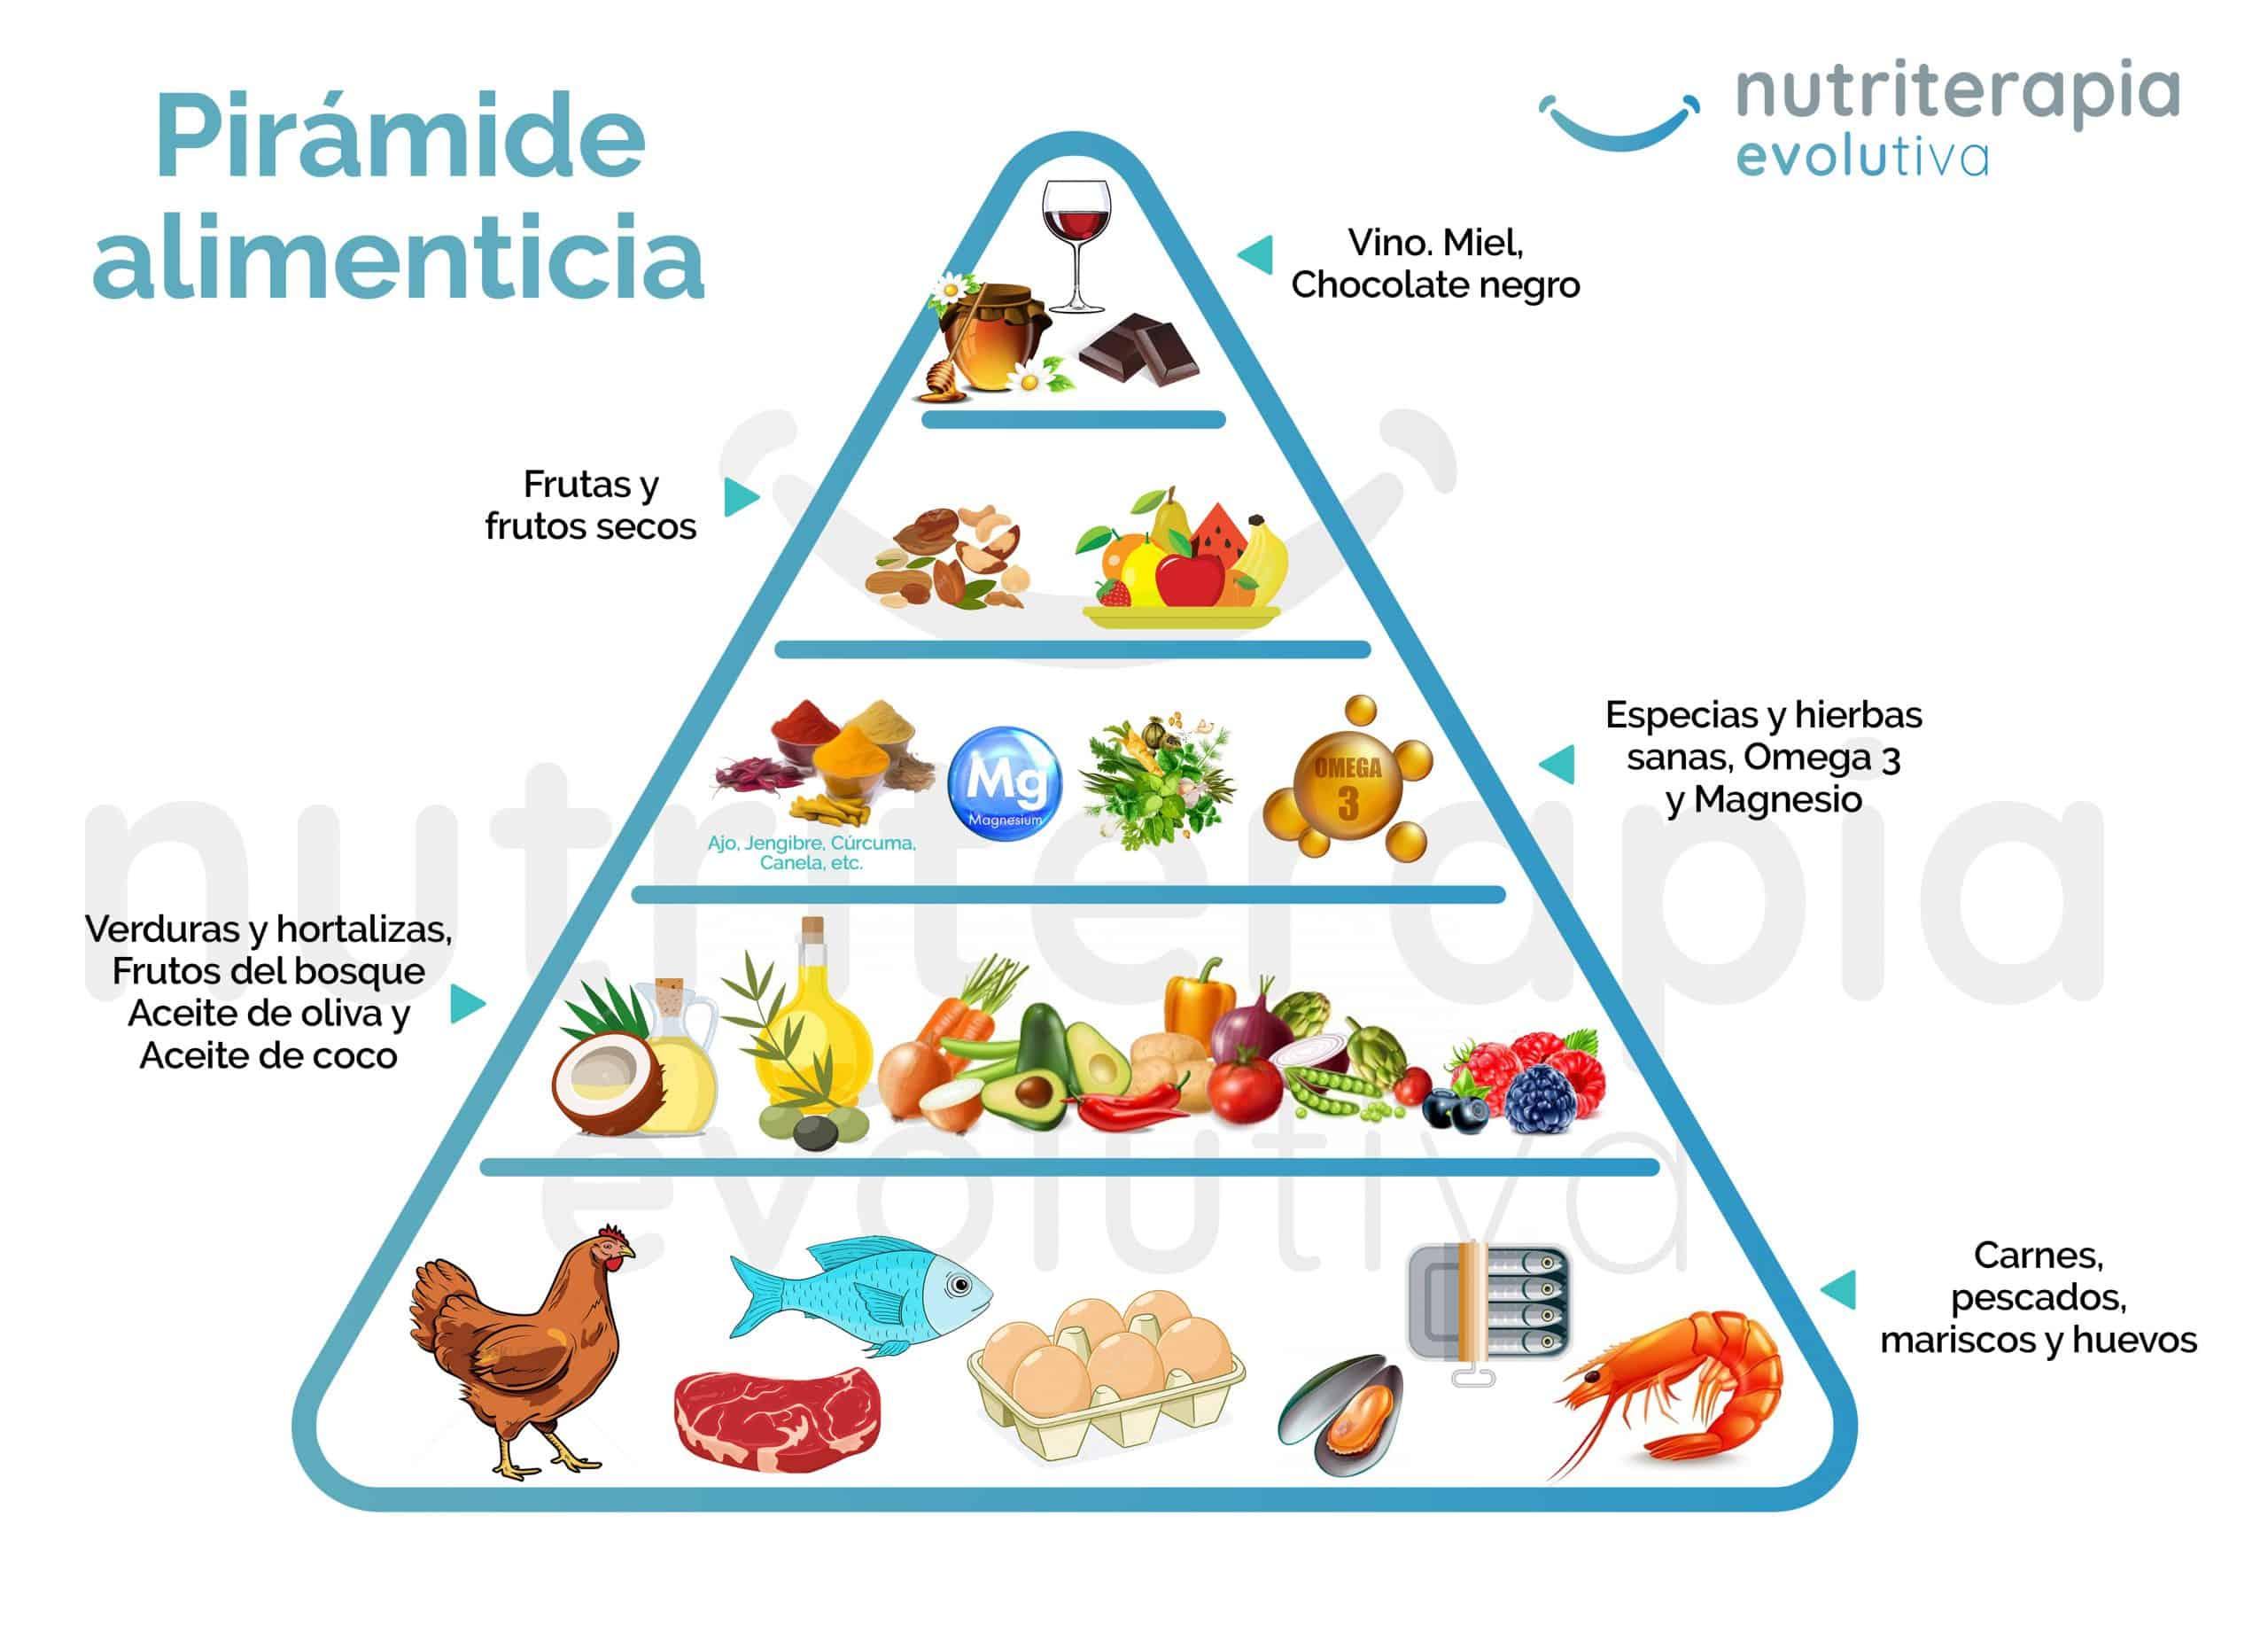 Pirámide alimentación evolutiva